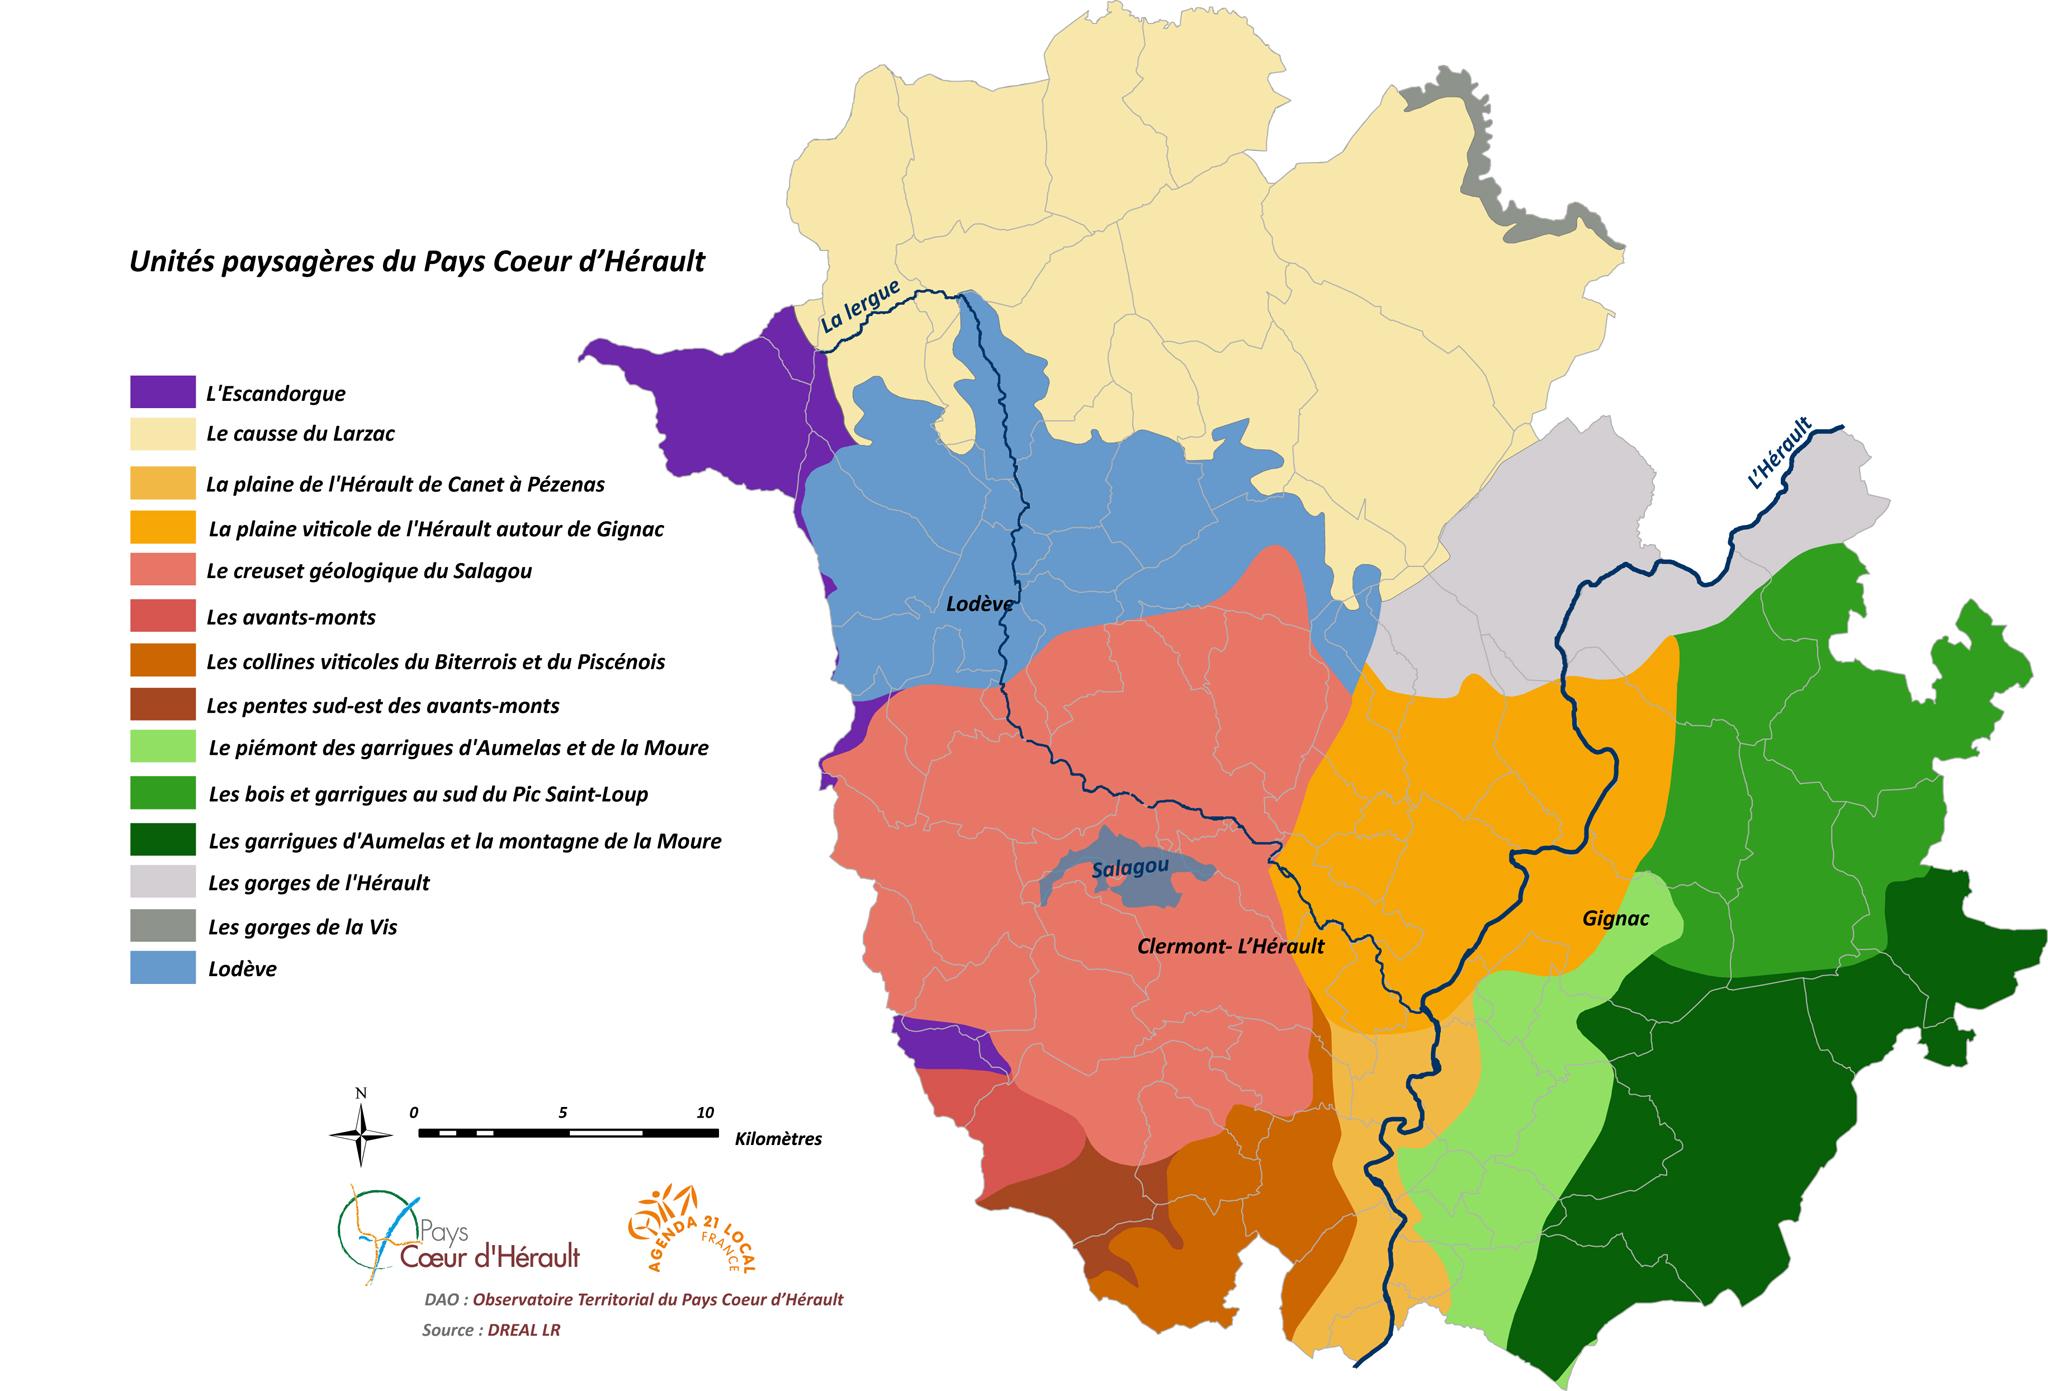 Unités Paysagères